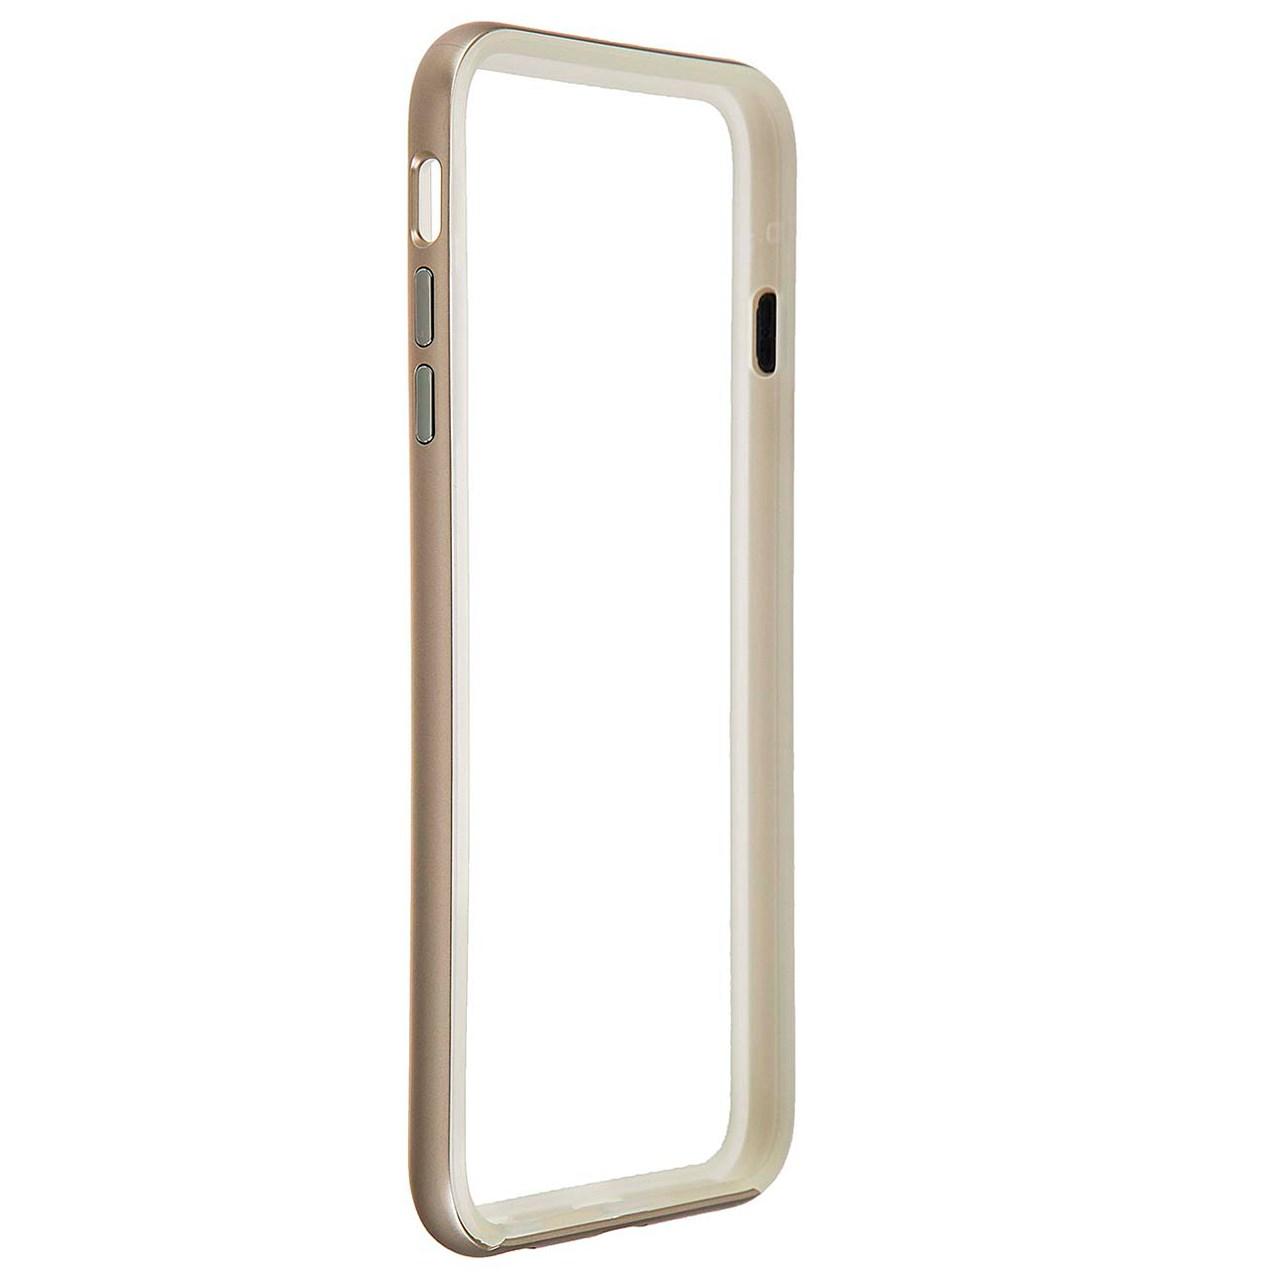 بامپر اسپیگن مدل Neo Hybrid EX مناسب برای گوشی موبایل اپل iPhone 6 Plus/6s Plus